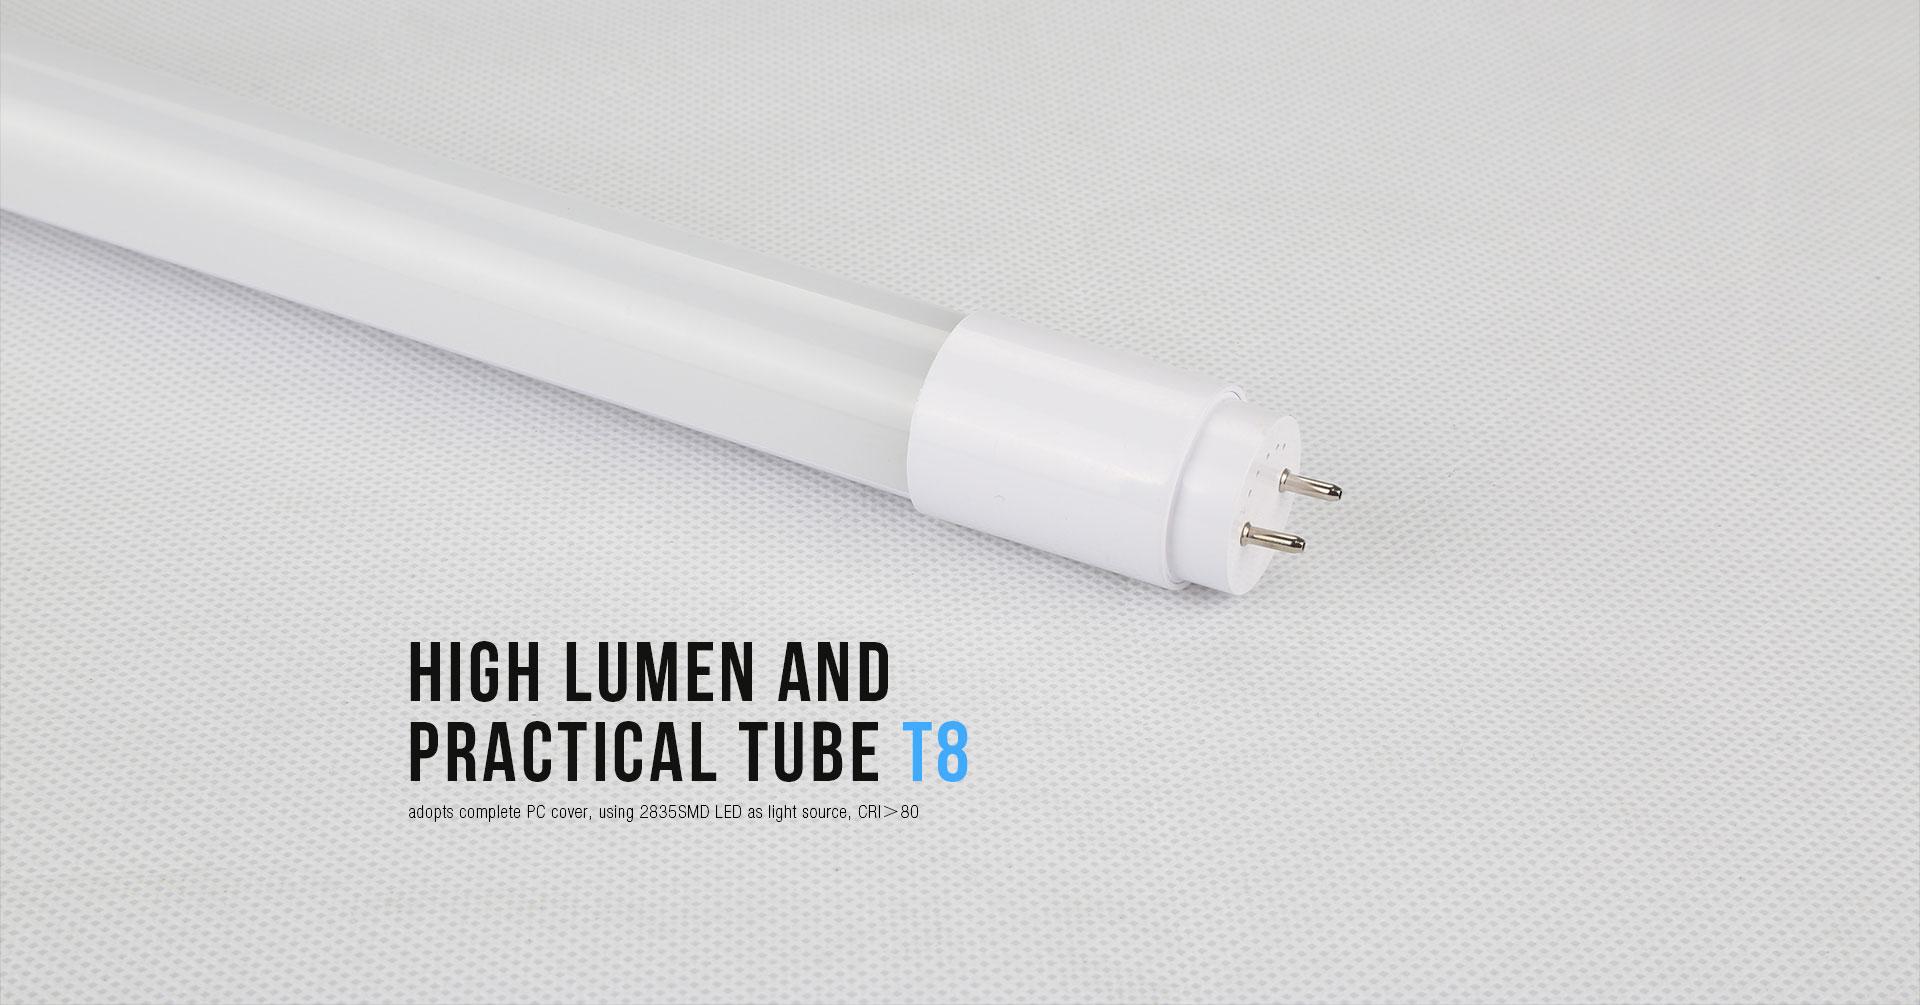 Bóng đèn led tube T8 Nanoco NT8T106 10W / 0,6m ( Bóng đèn led tuýp T8 Nanoco NT8T106 10W dài 0,6m )